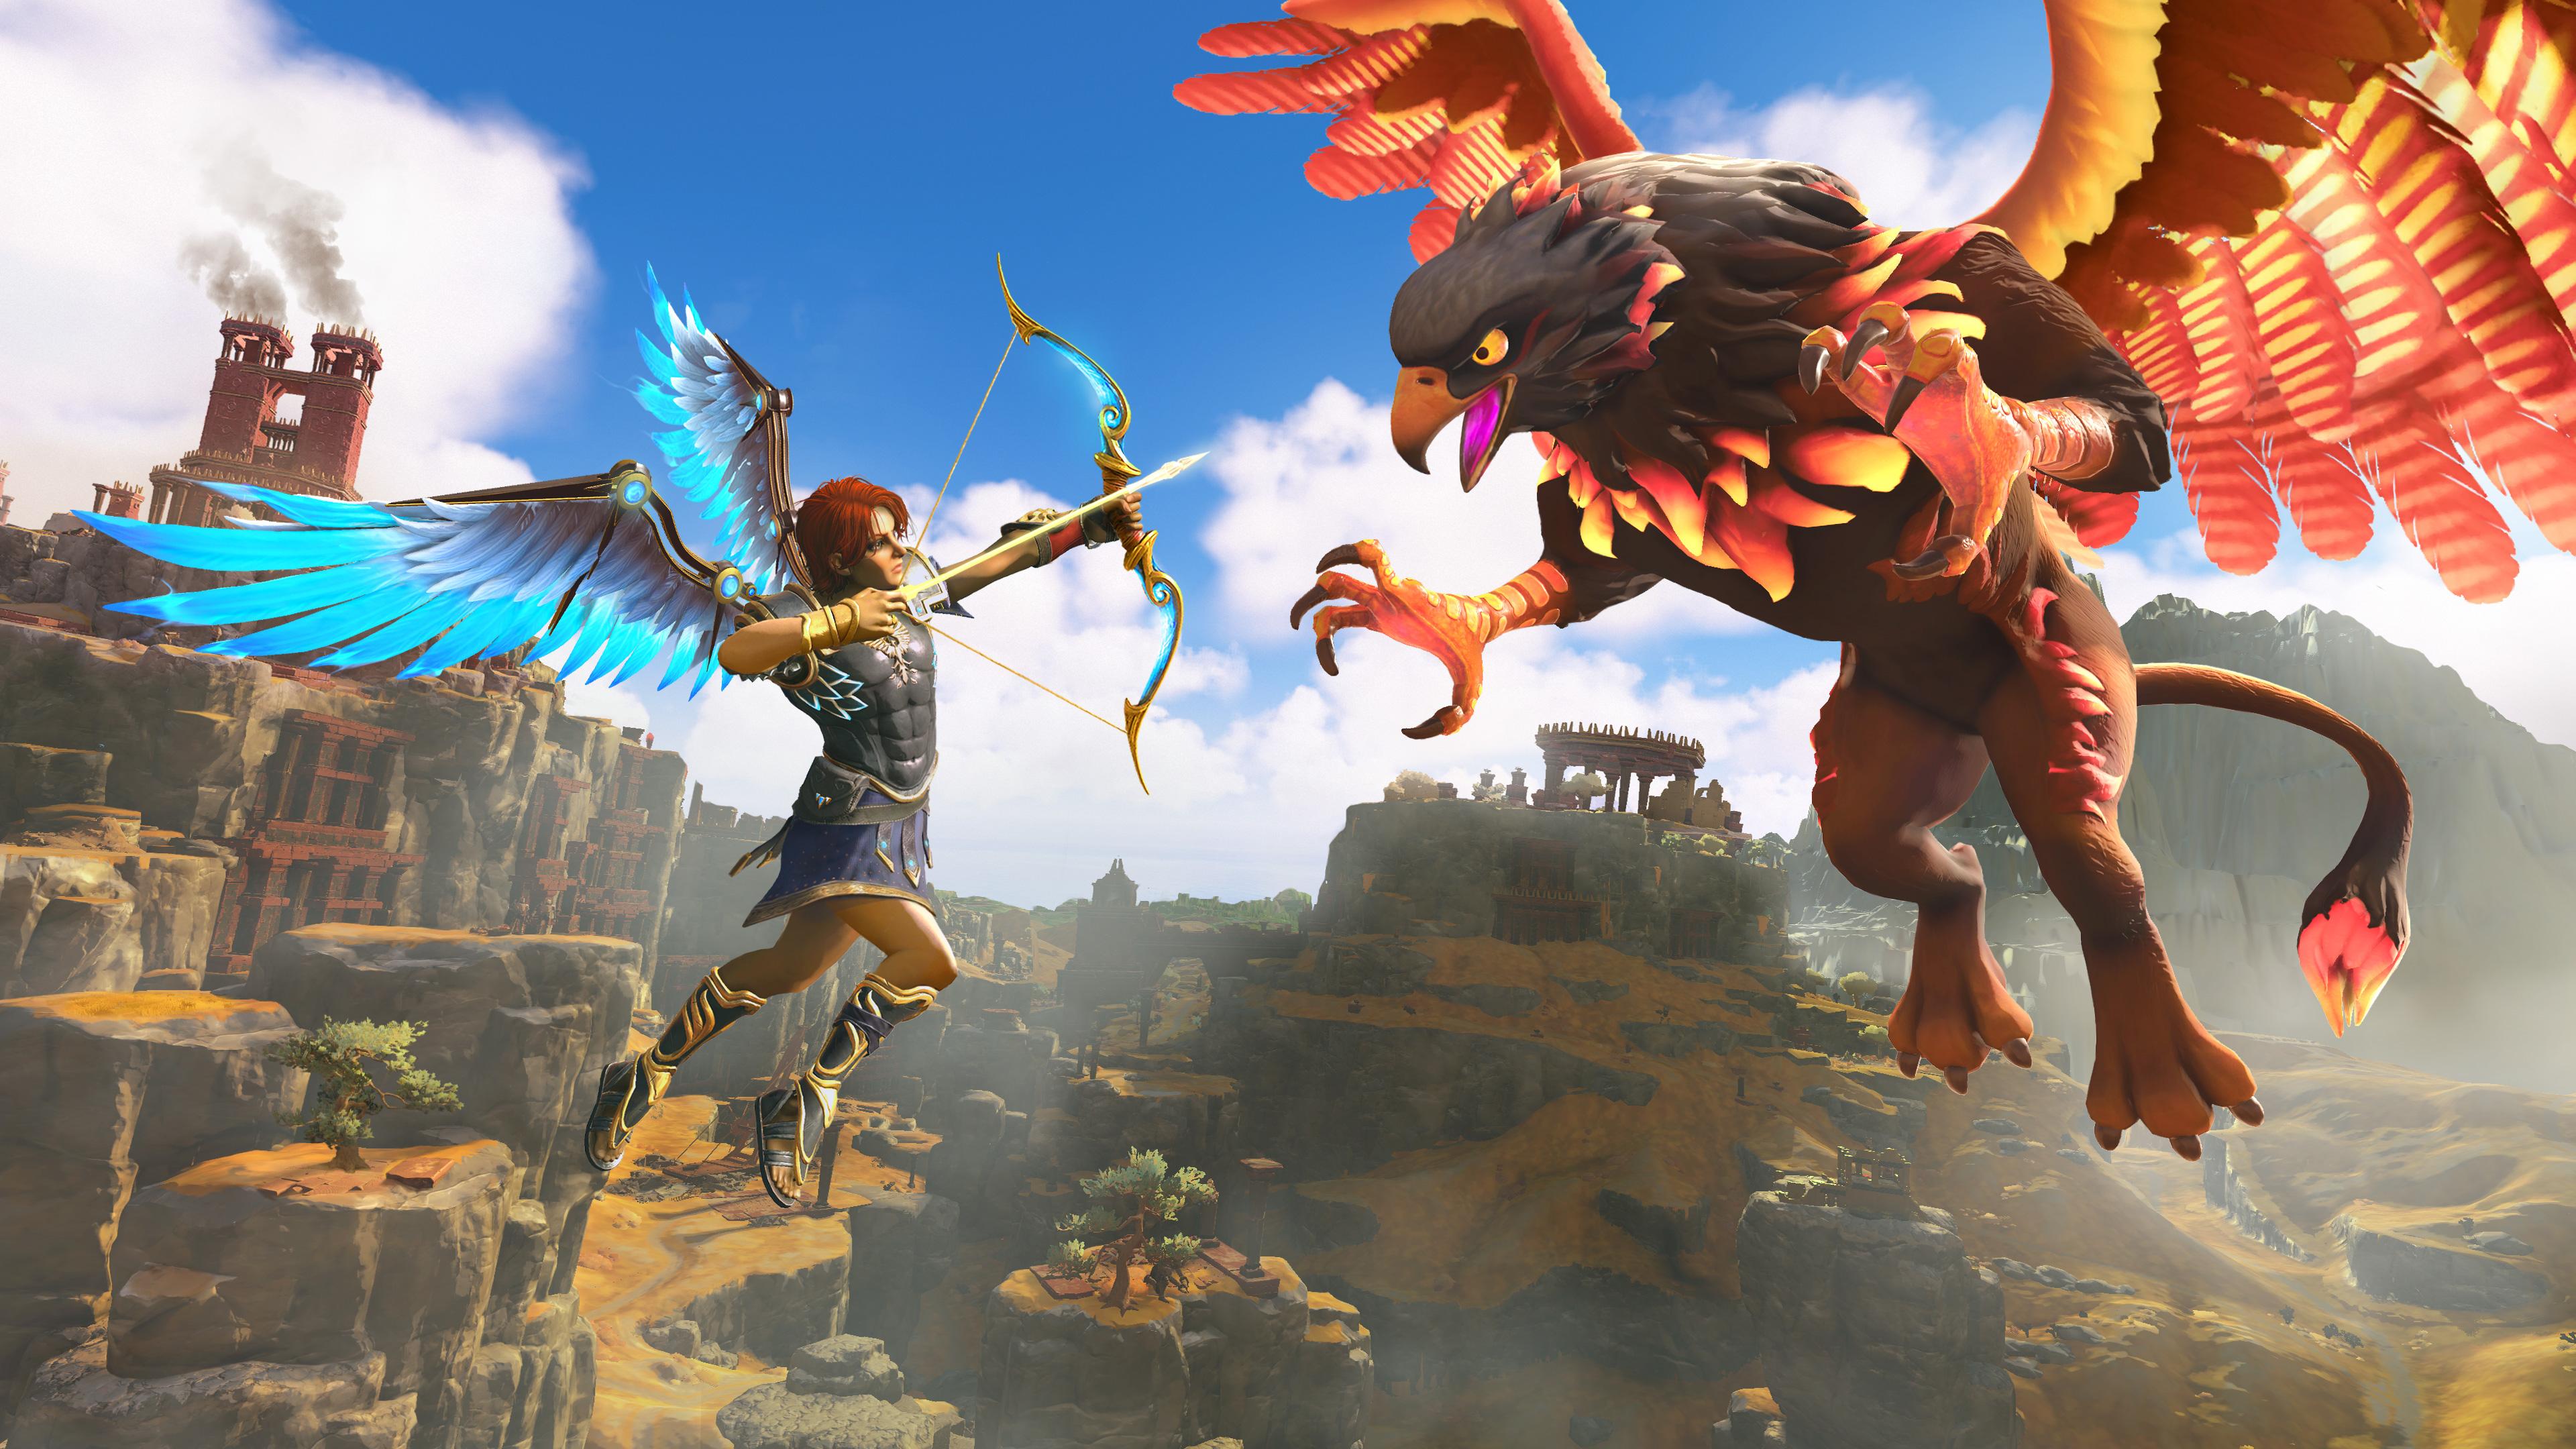 Скриншот №3 к Immortals Fenyx Rising PS4 and PS5